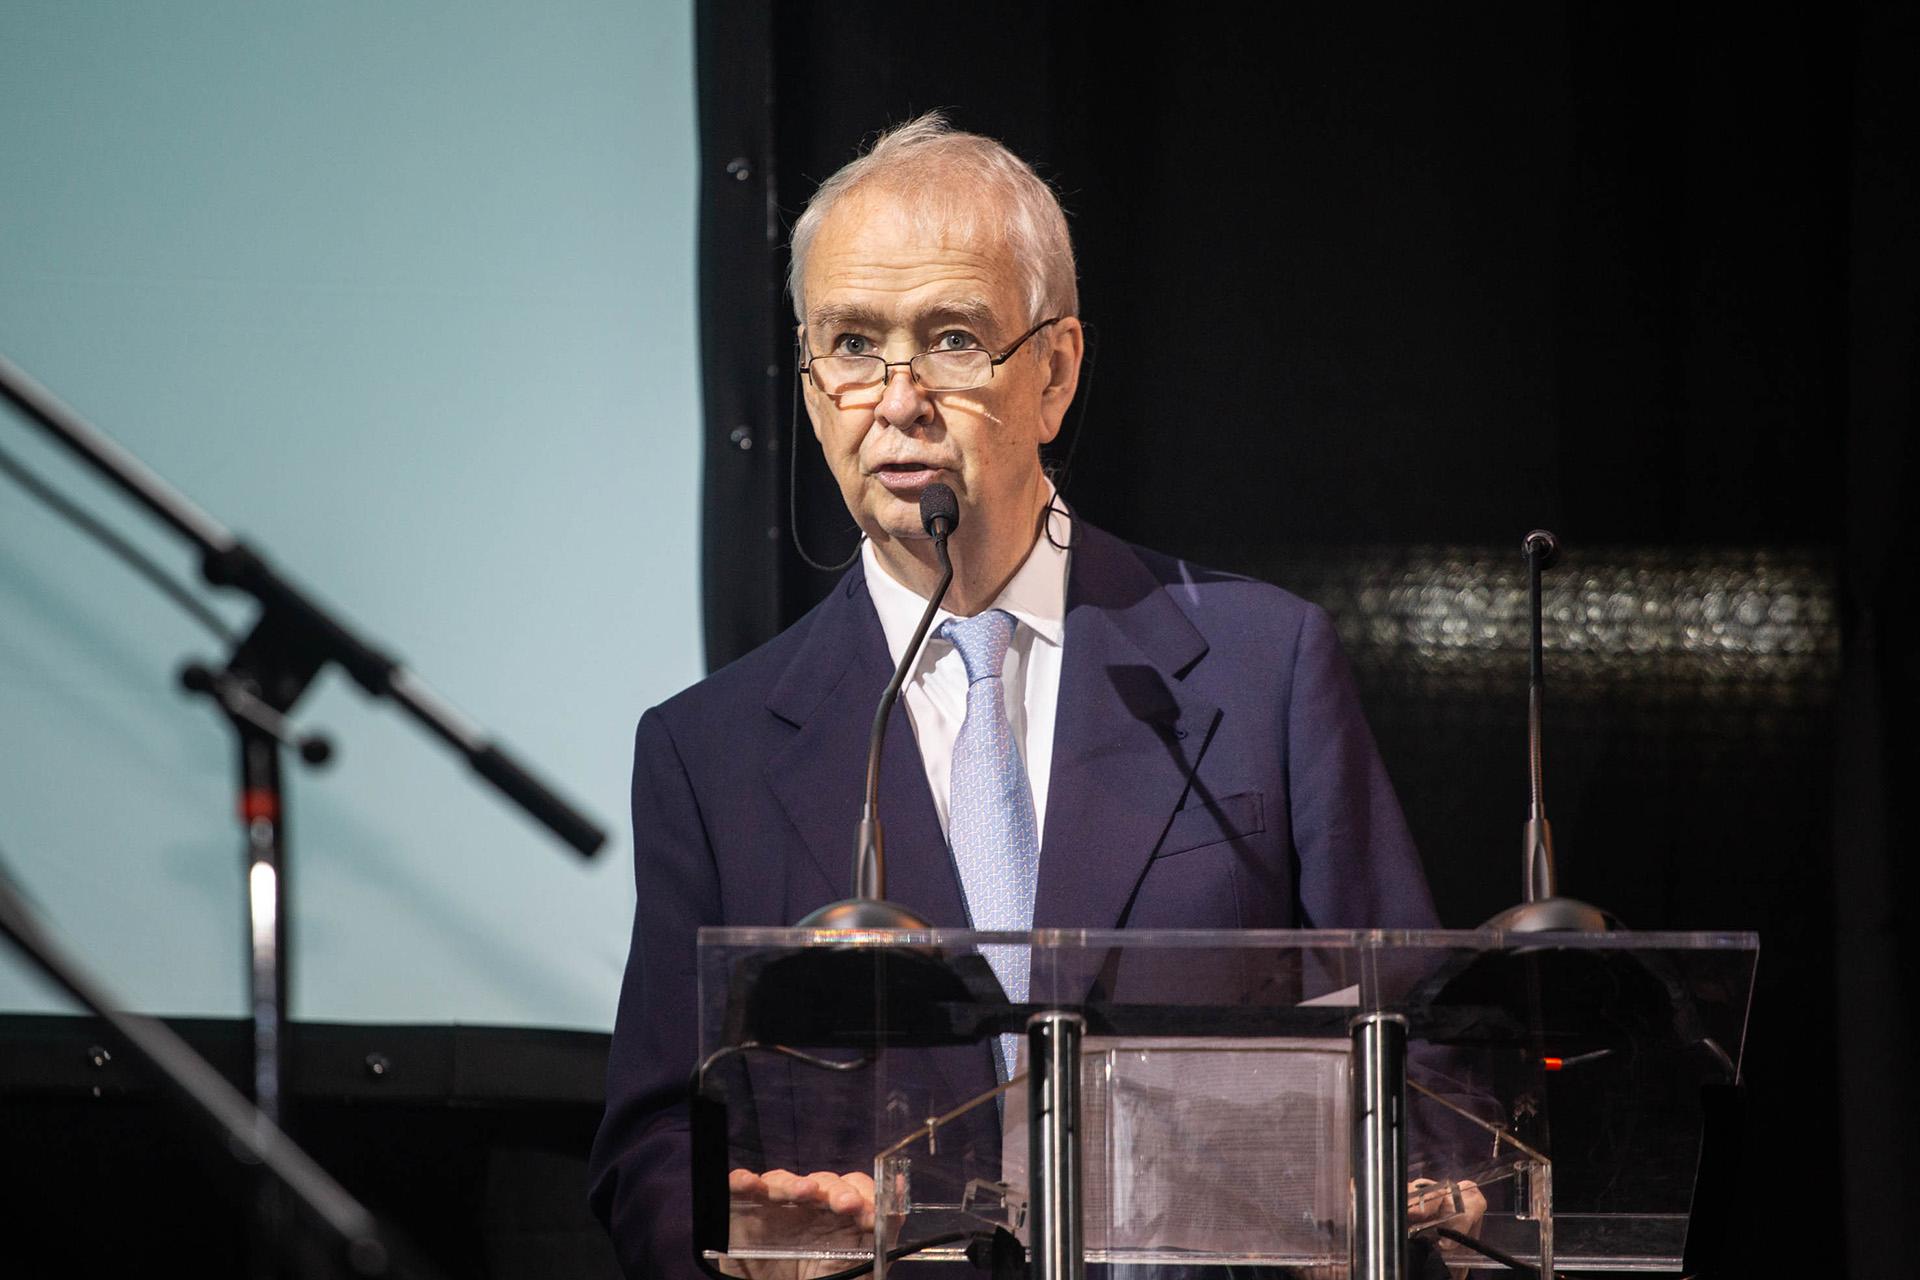 El presidente del Consejo de Dirección de la UTDT, Carlos Franck, anunciando al próximo rector, Juan José Cruces